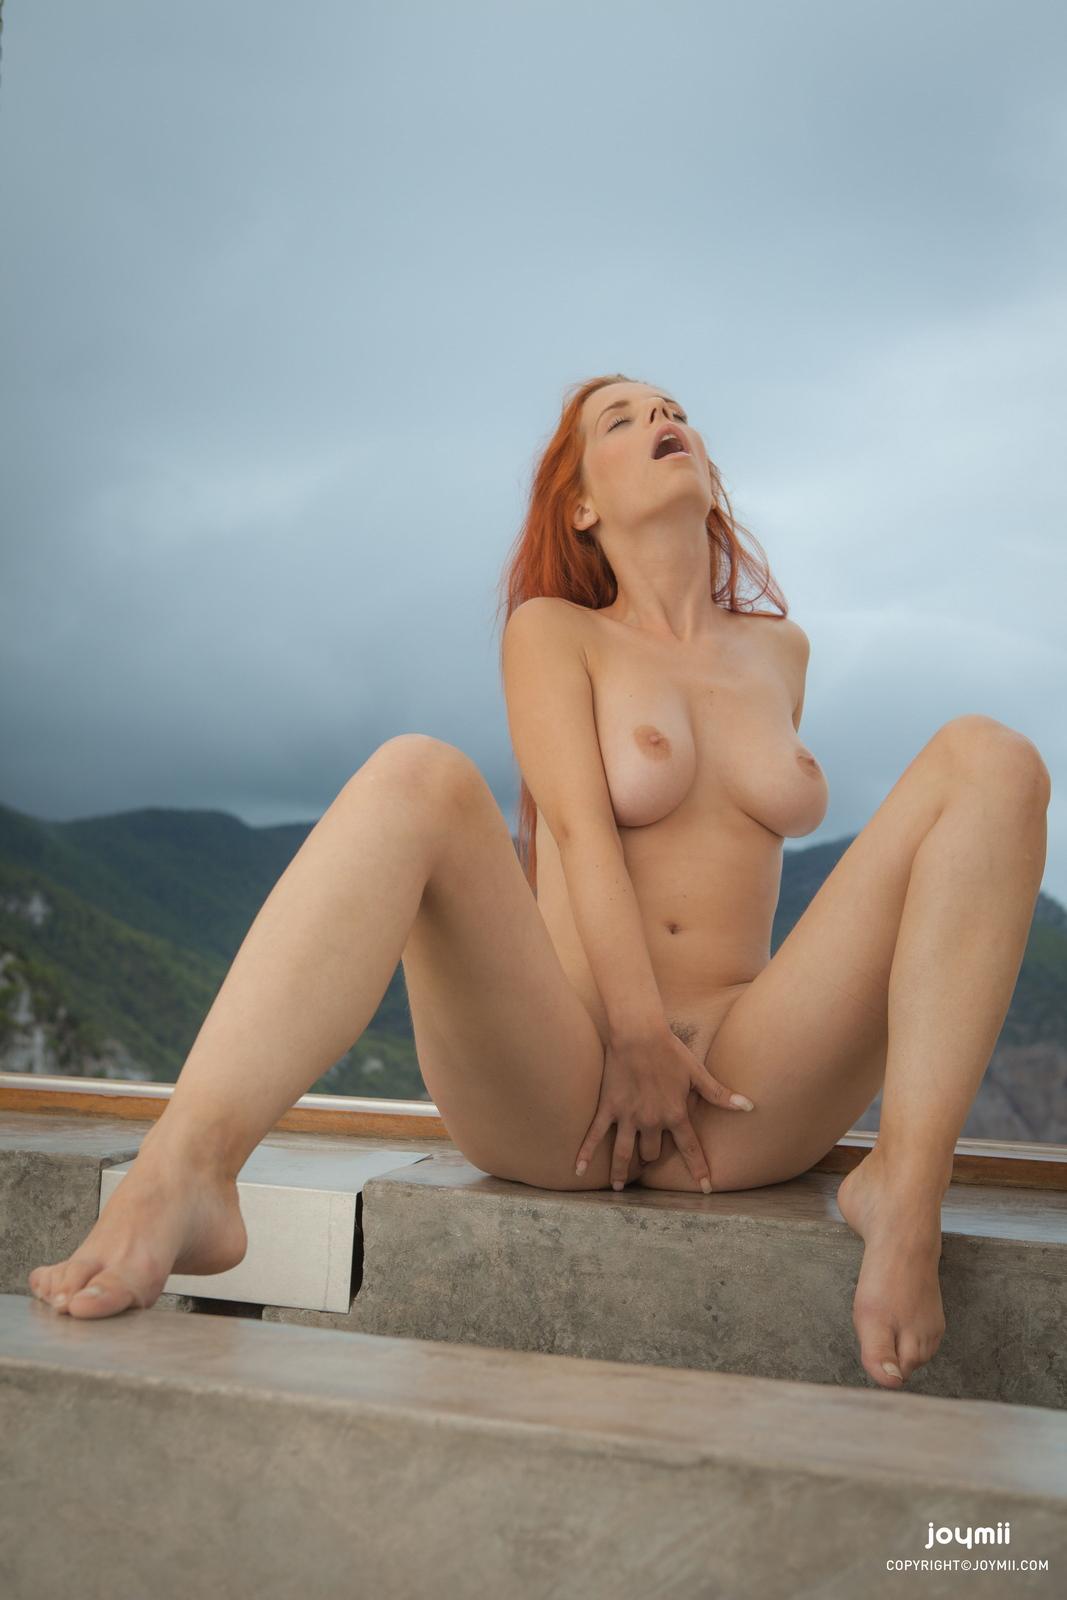 ariel-redhead-bathroom-naked-boobs-joymii-36